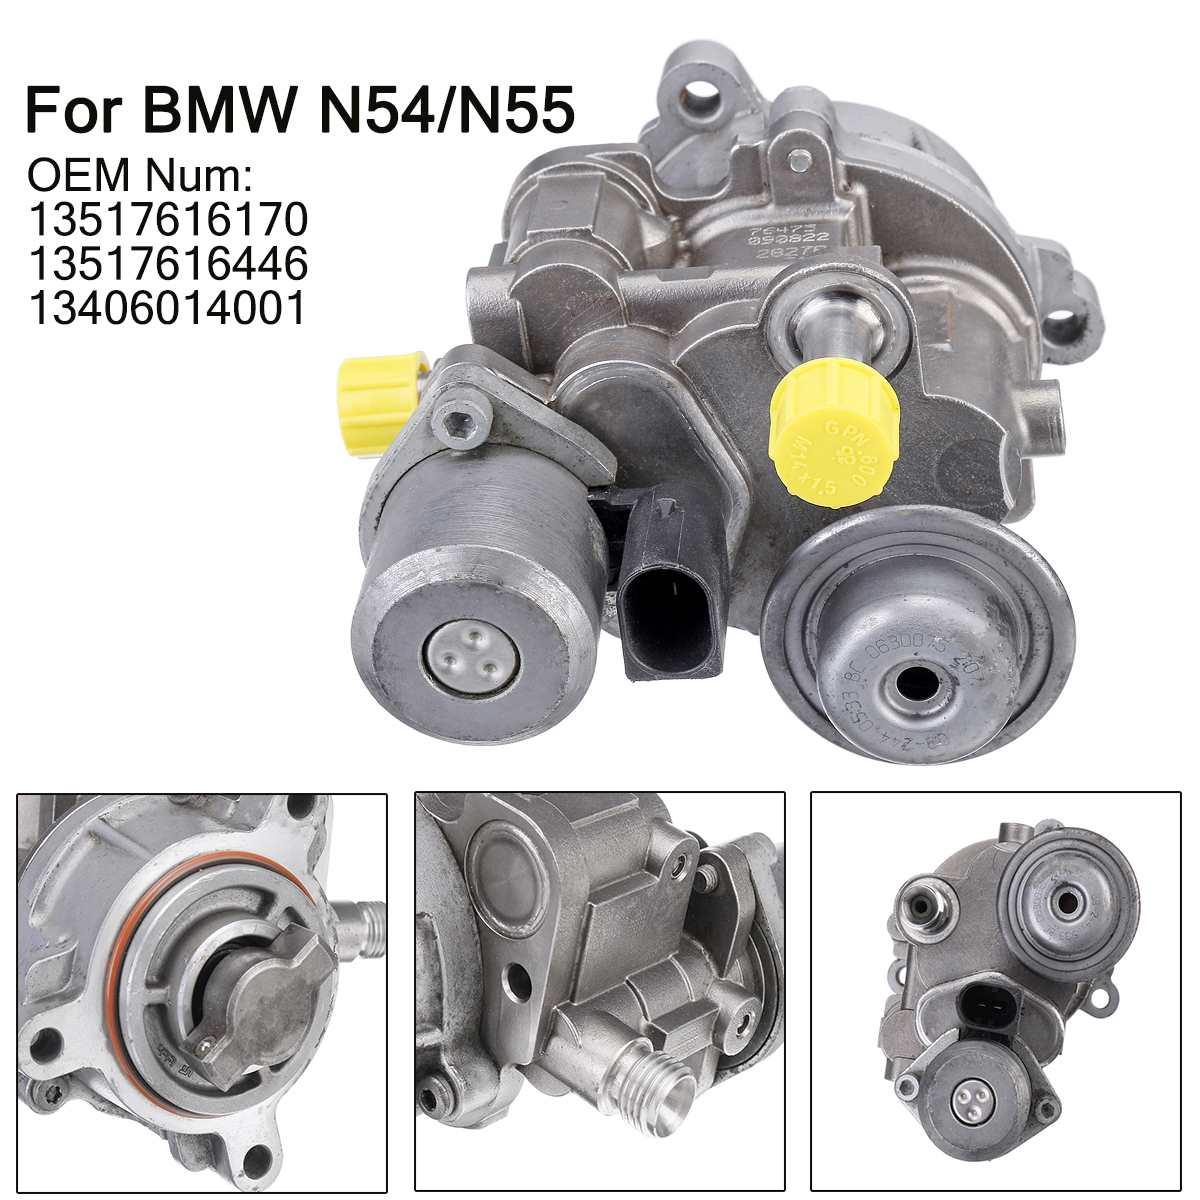 Wysokociśnieniowa pompa paliwa 13517616170 13517616446 13406014001 dla BMW N54/N55